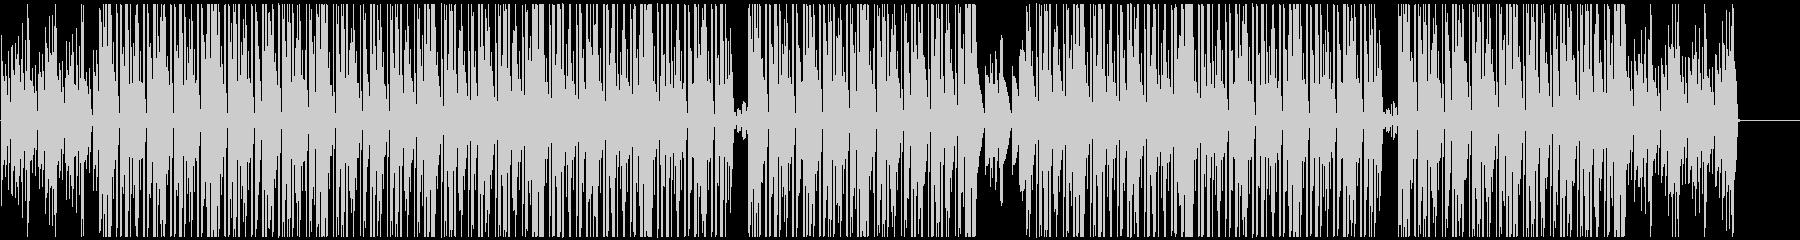 洋楽、クラブ系ヒップホップサウンド♪の未再生の波形